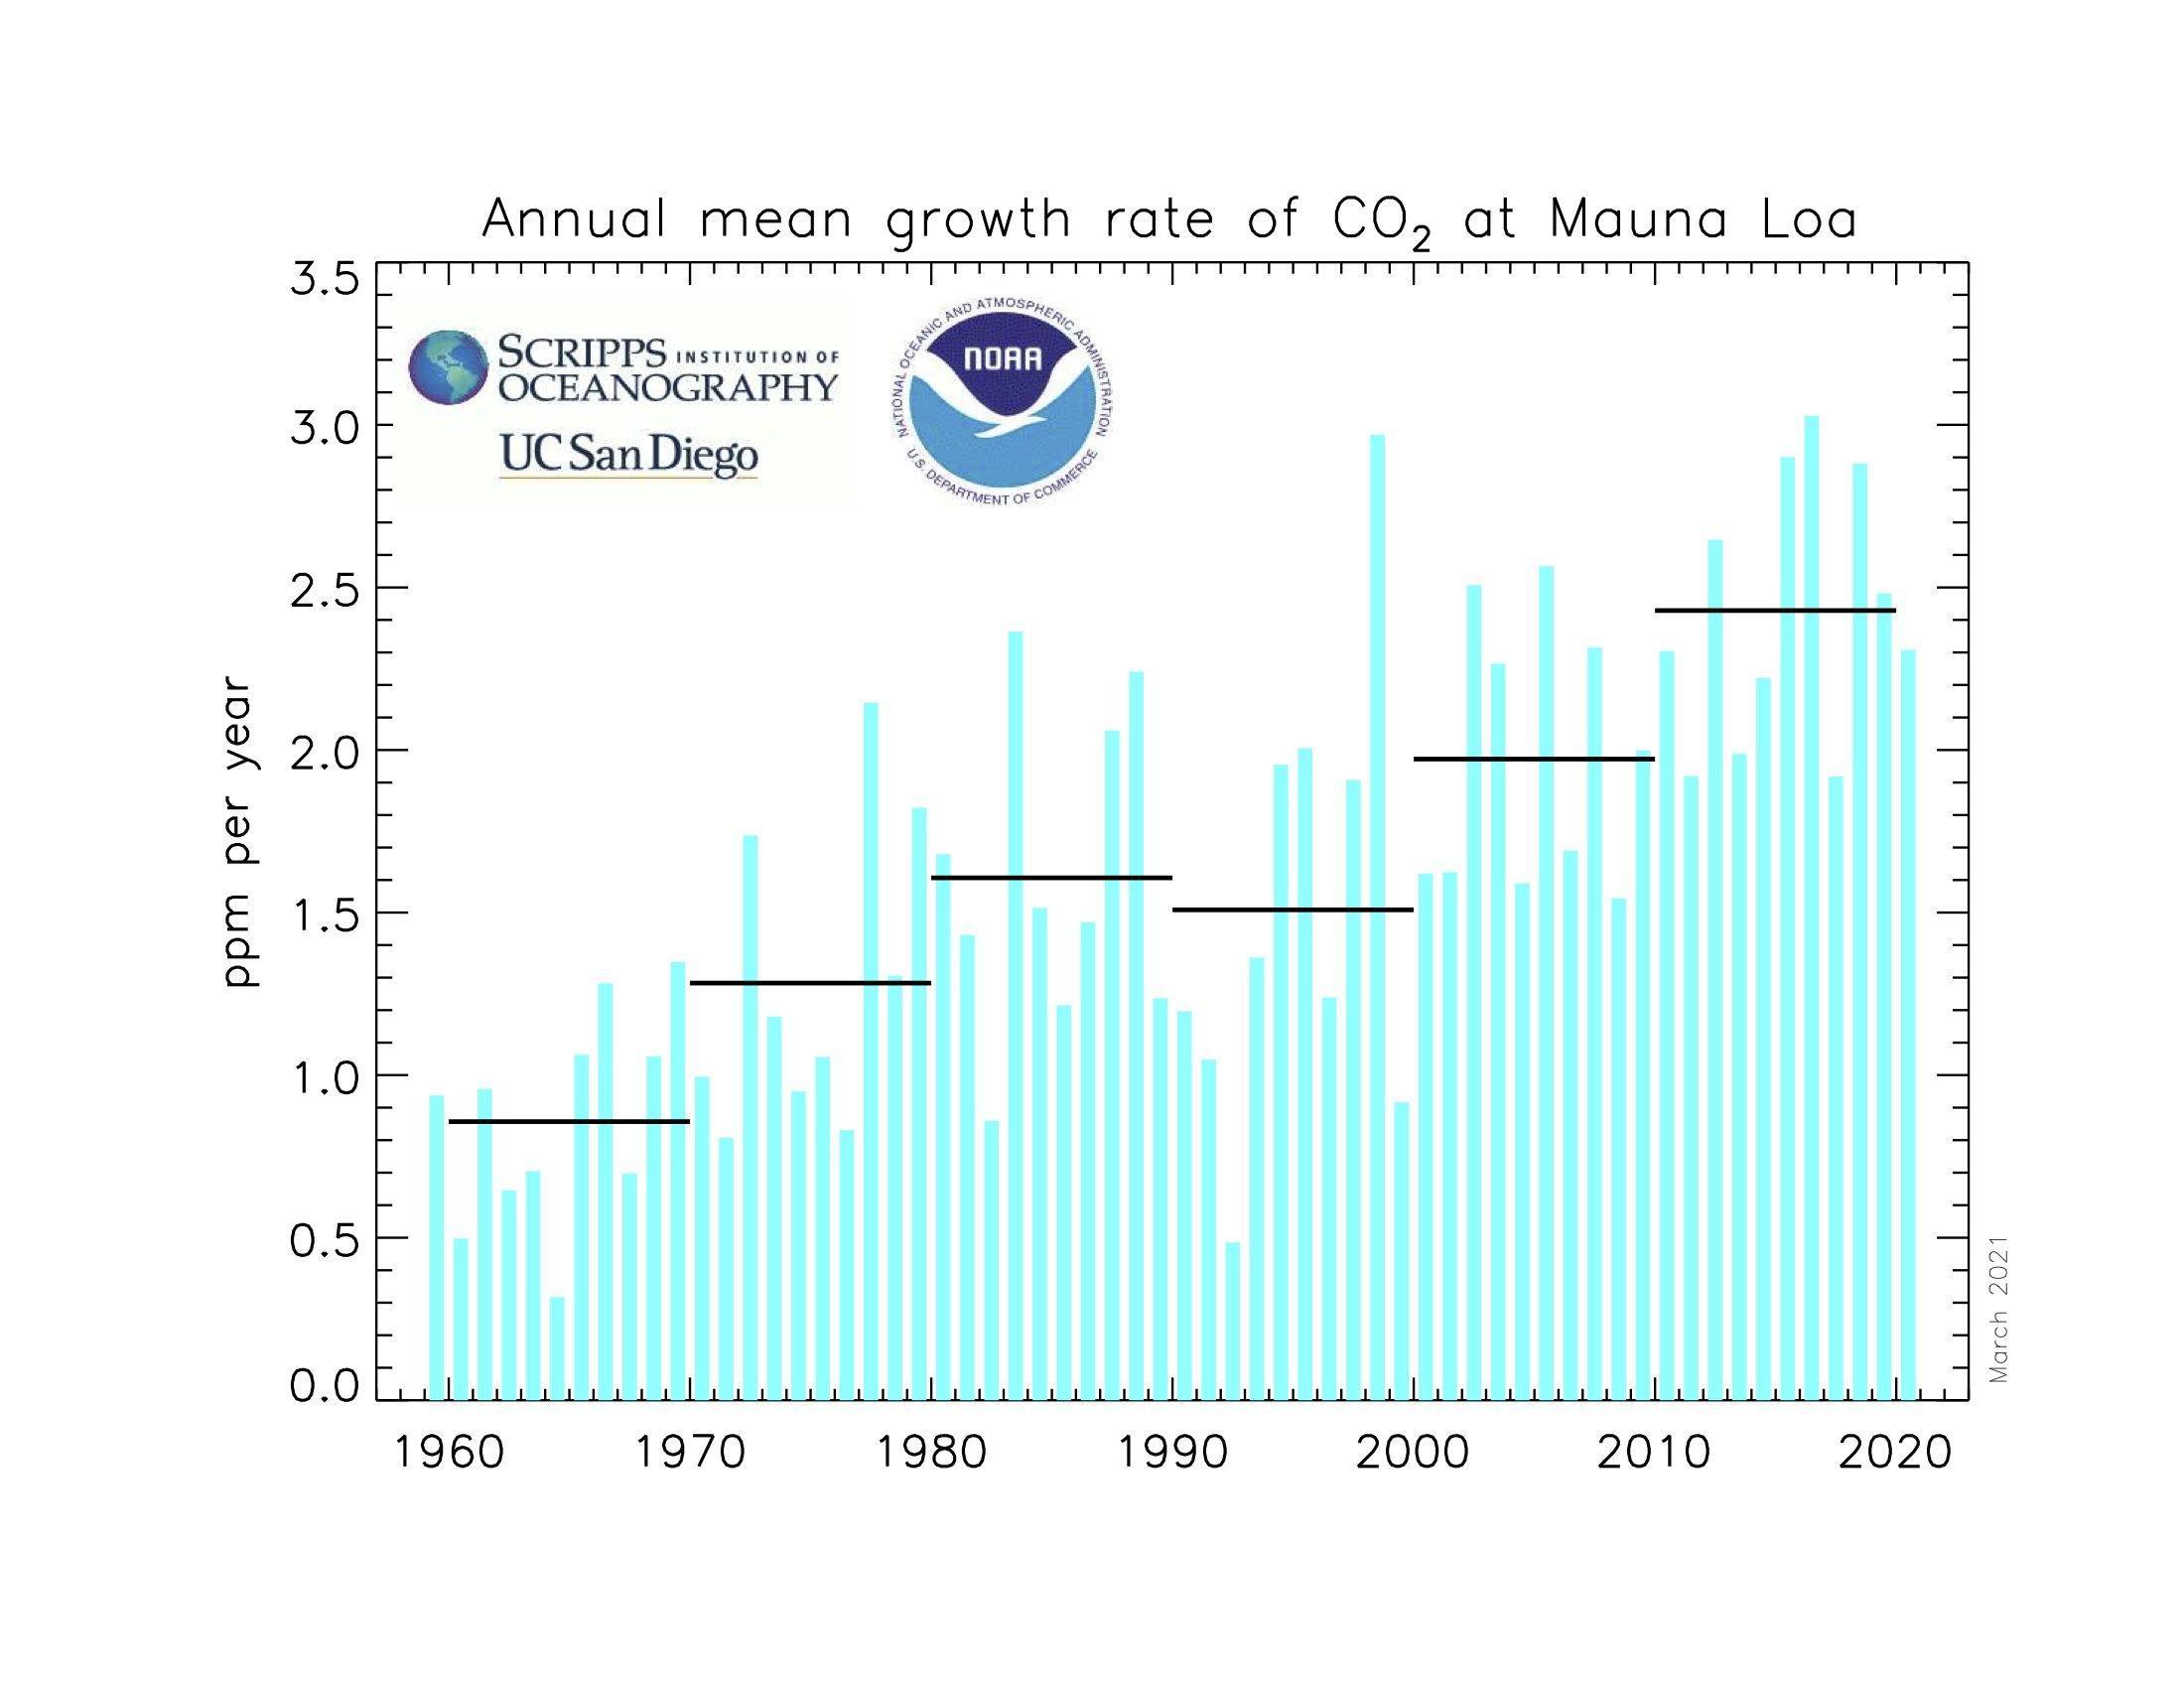 Die Graphik zeigt die jährliche Wachstumsrate der CO2-Konzentration nach Jahrzehnten. Sie ist von knapp unter 1ppm im Durchschnitt der 1960er Jahre stetig auf heute 2.5ppm jährlich gestiegen.